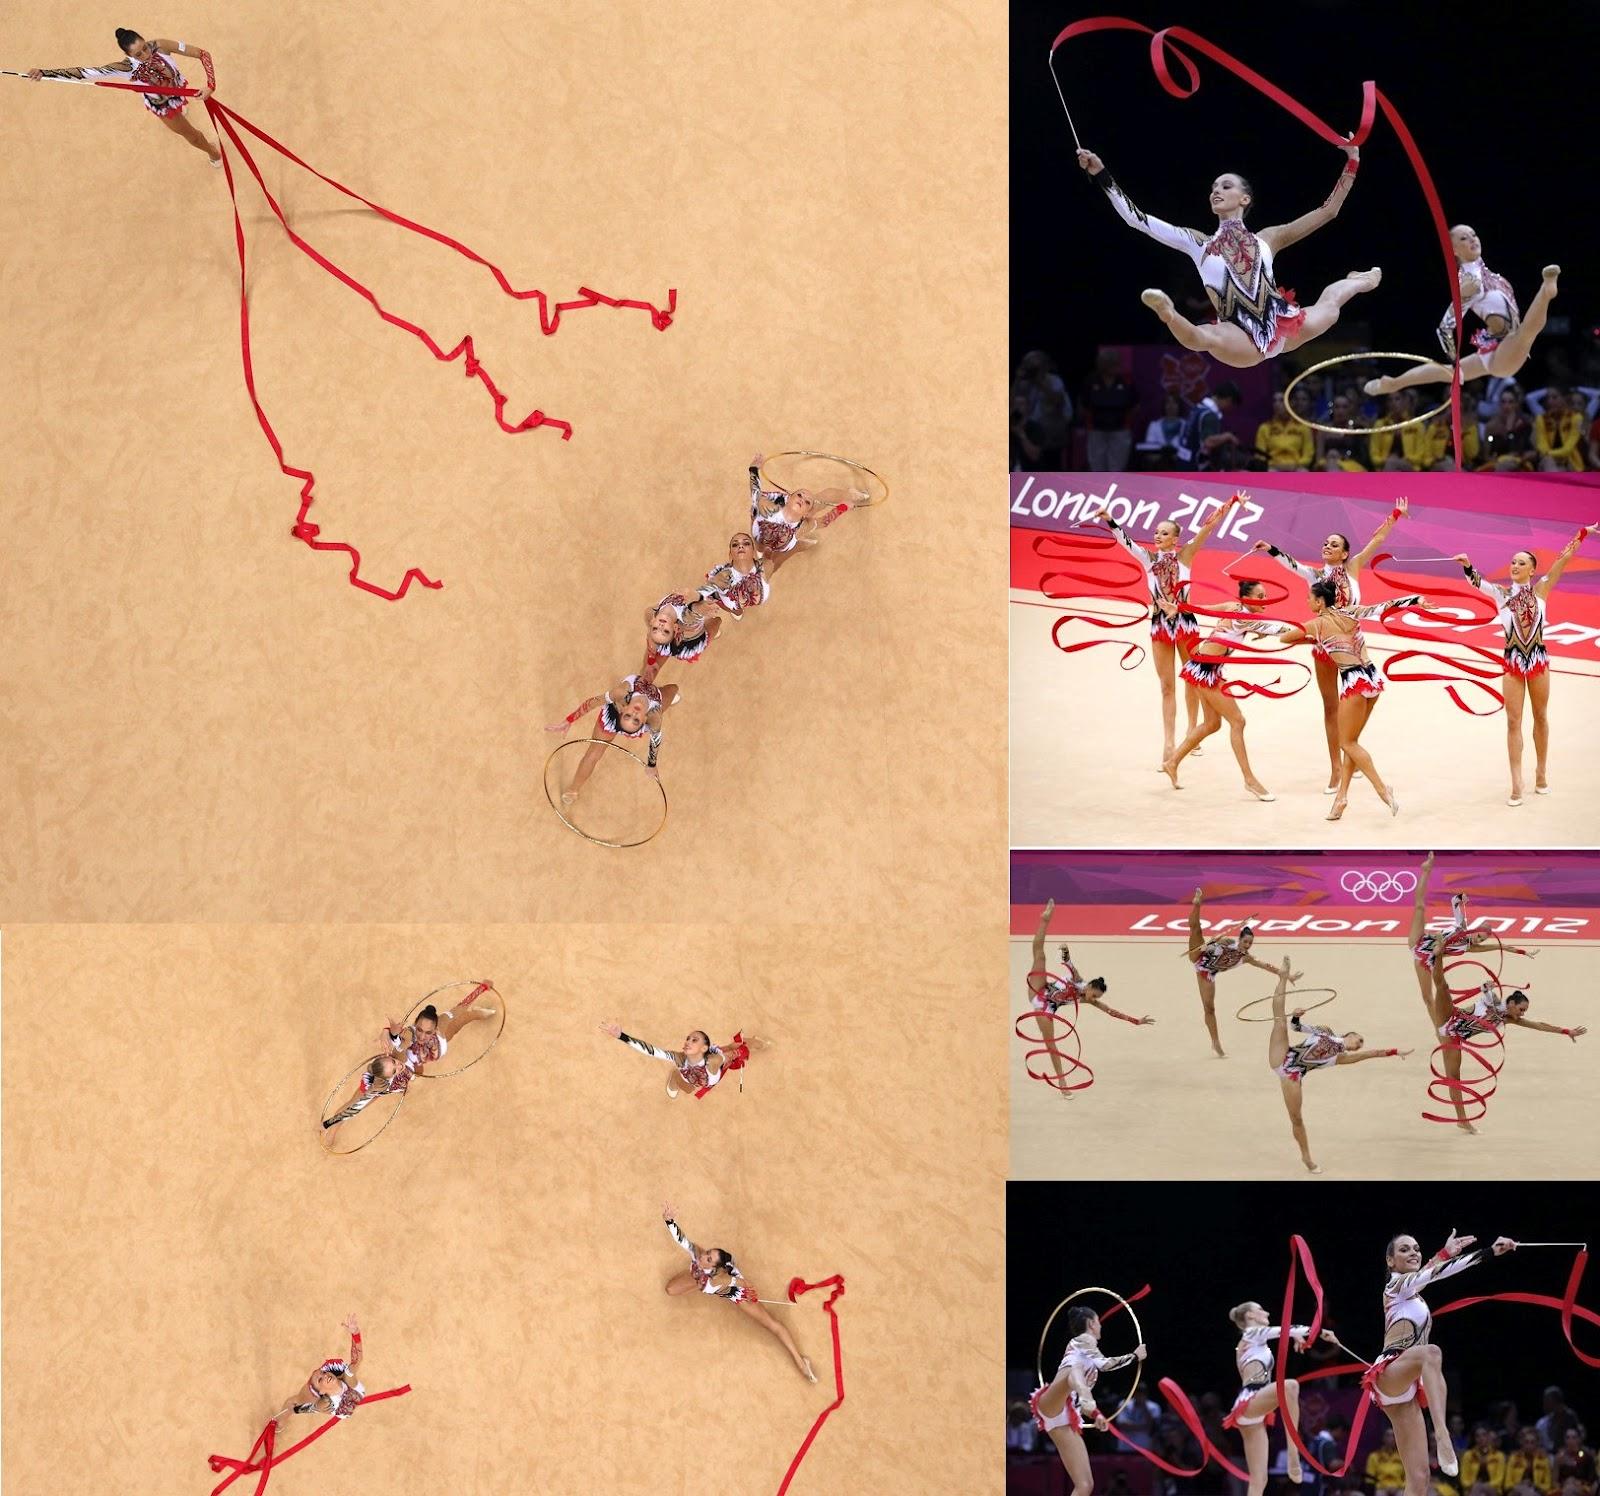 1bpblogspot MCMs6od O M Russian Rhythmic Gymnastic Team Wallpaper